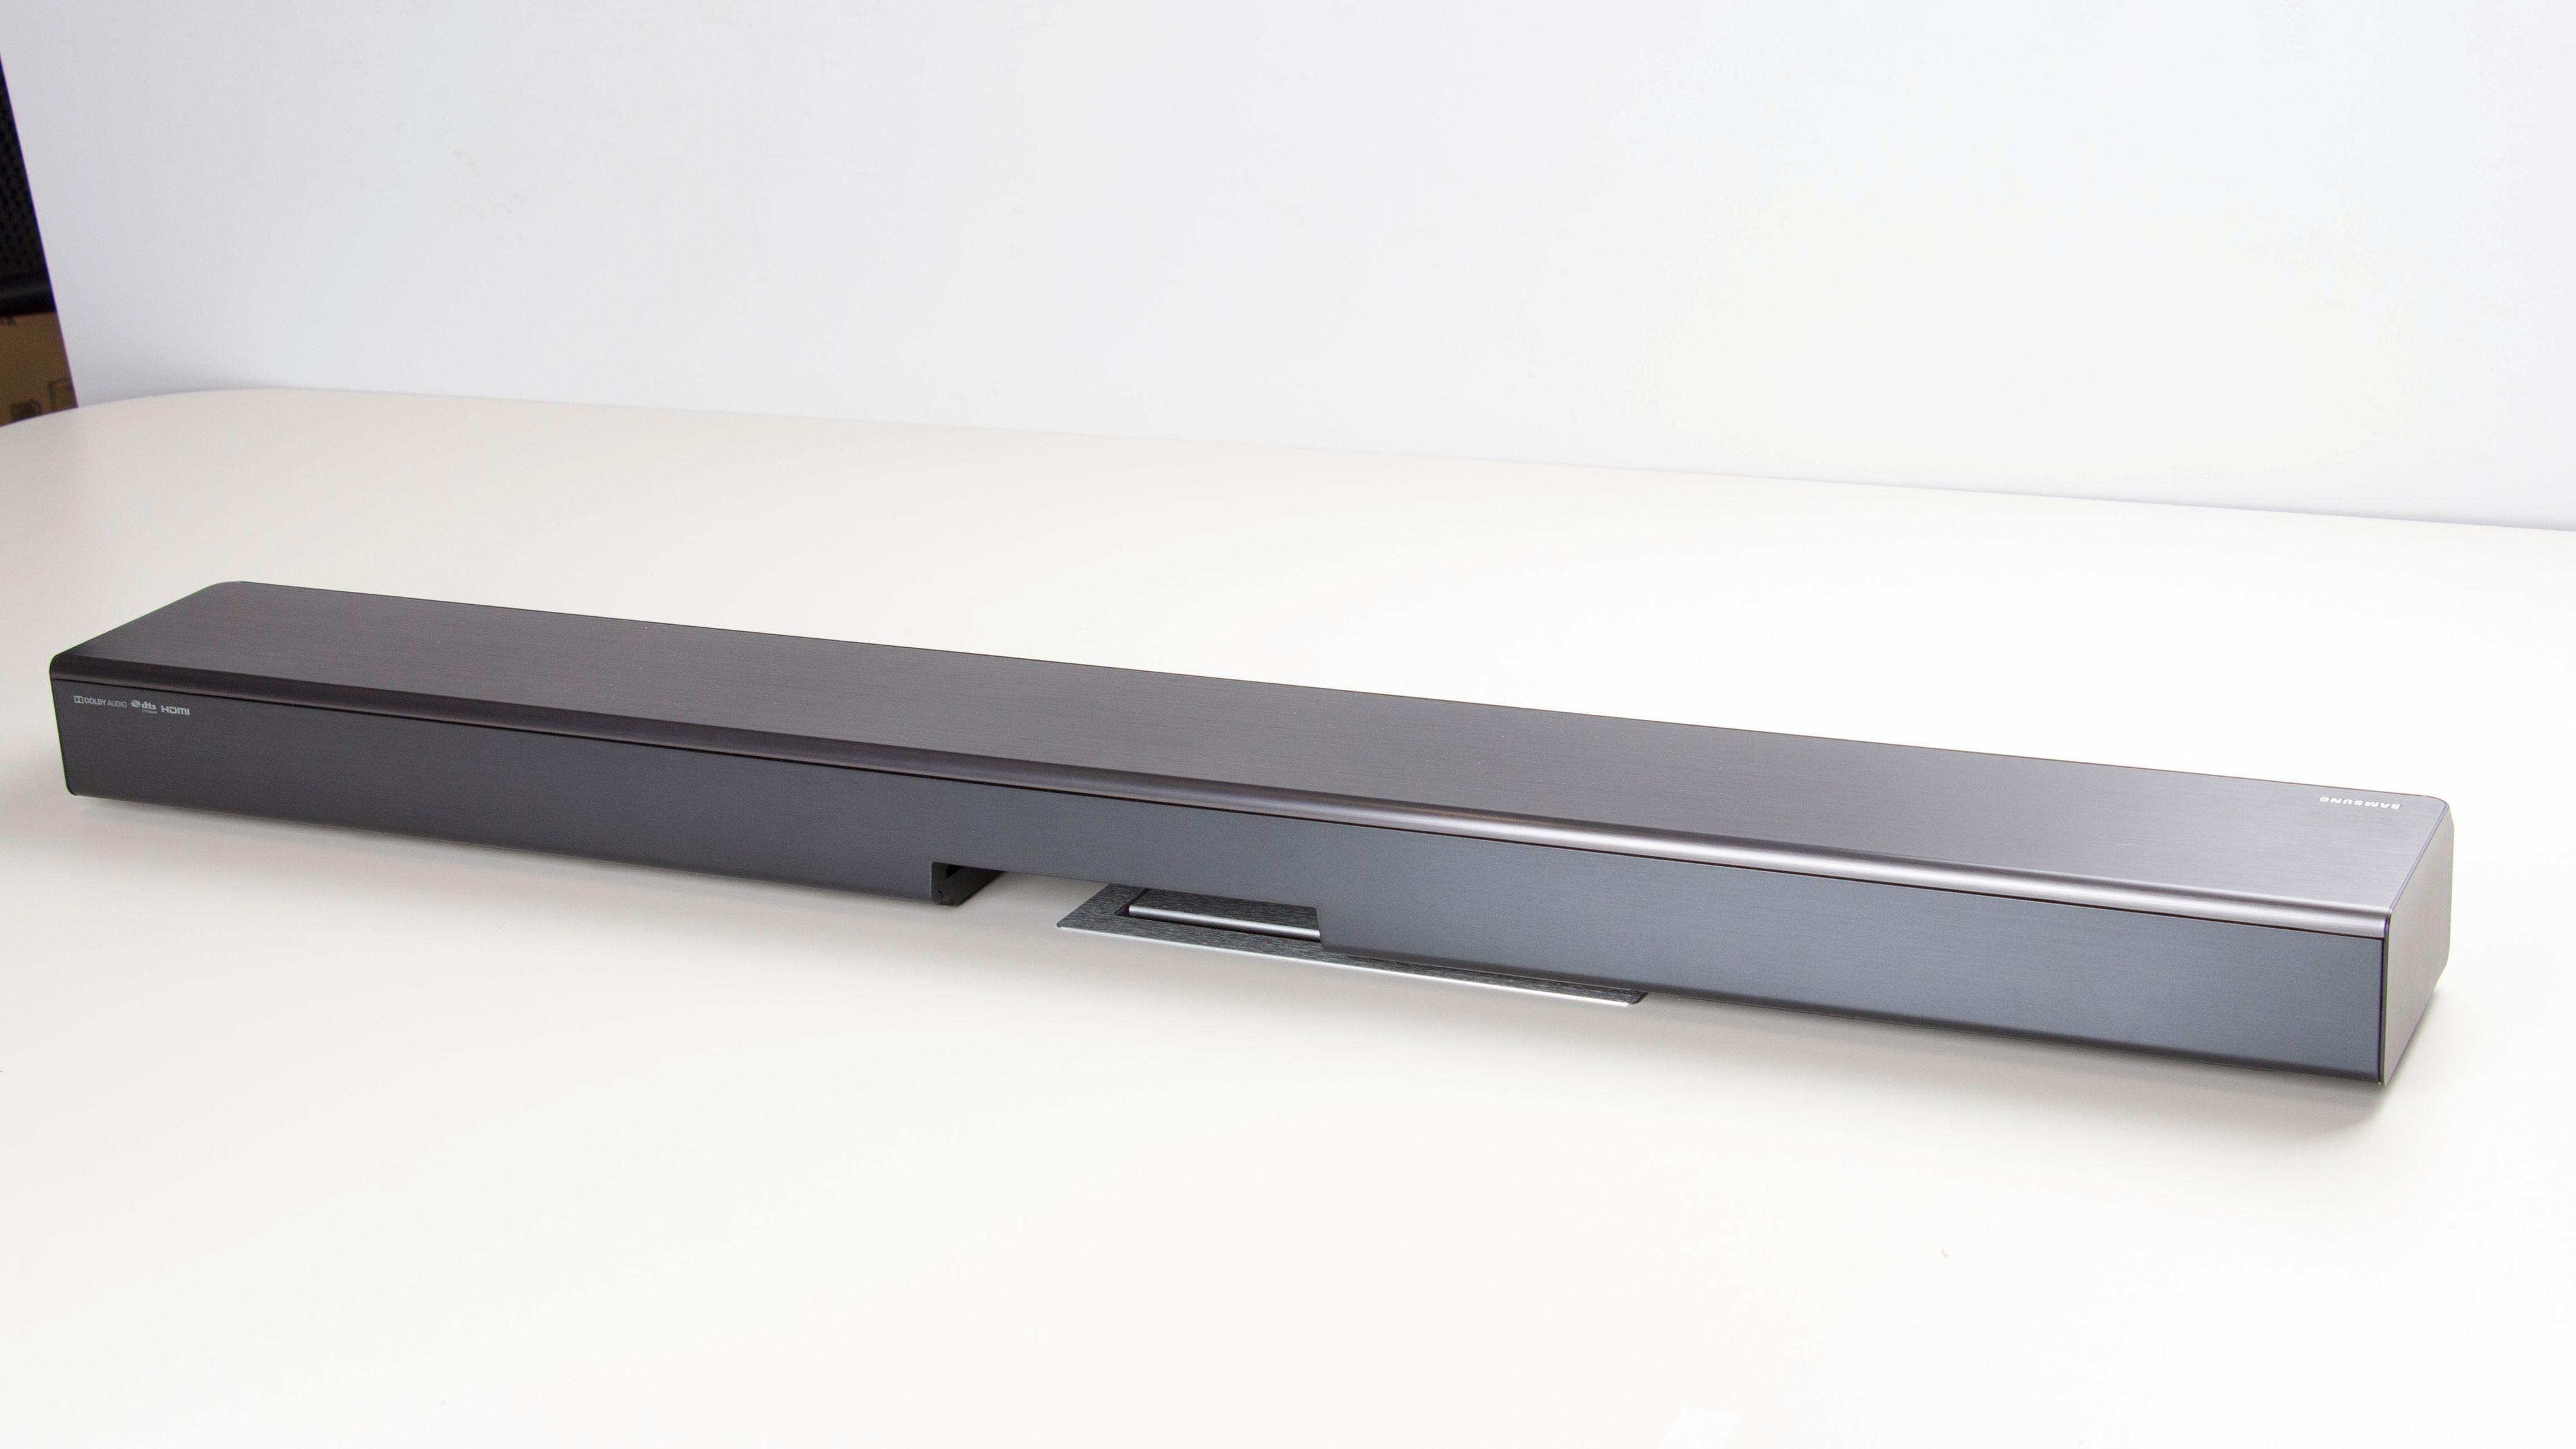 Samsung HW-MS660 bakside